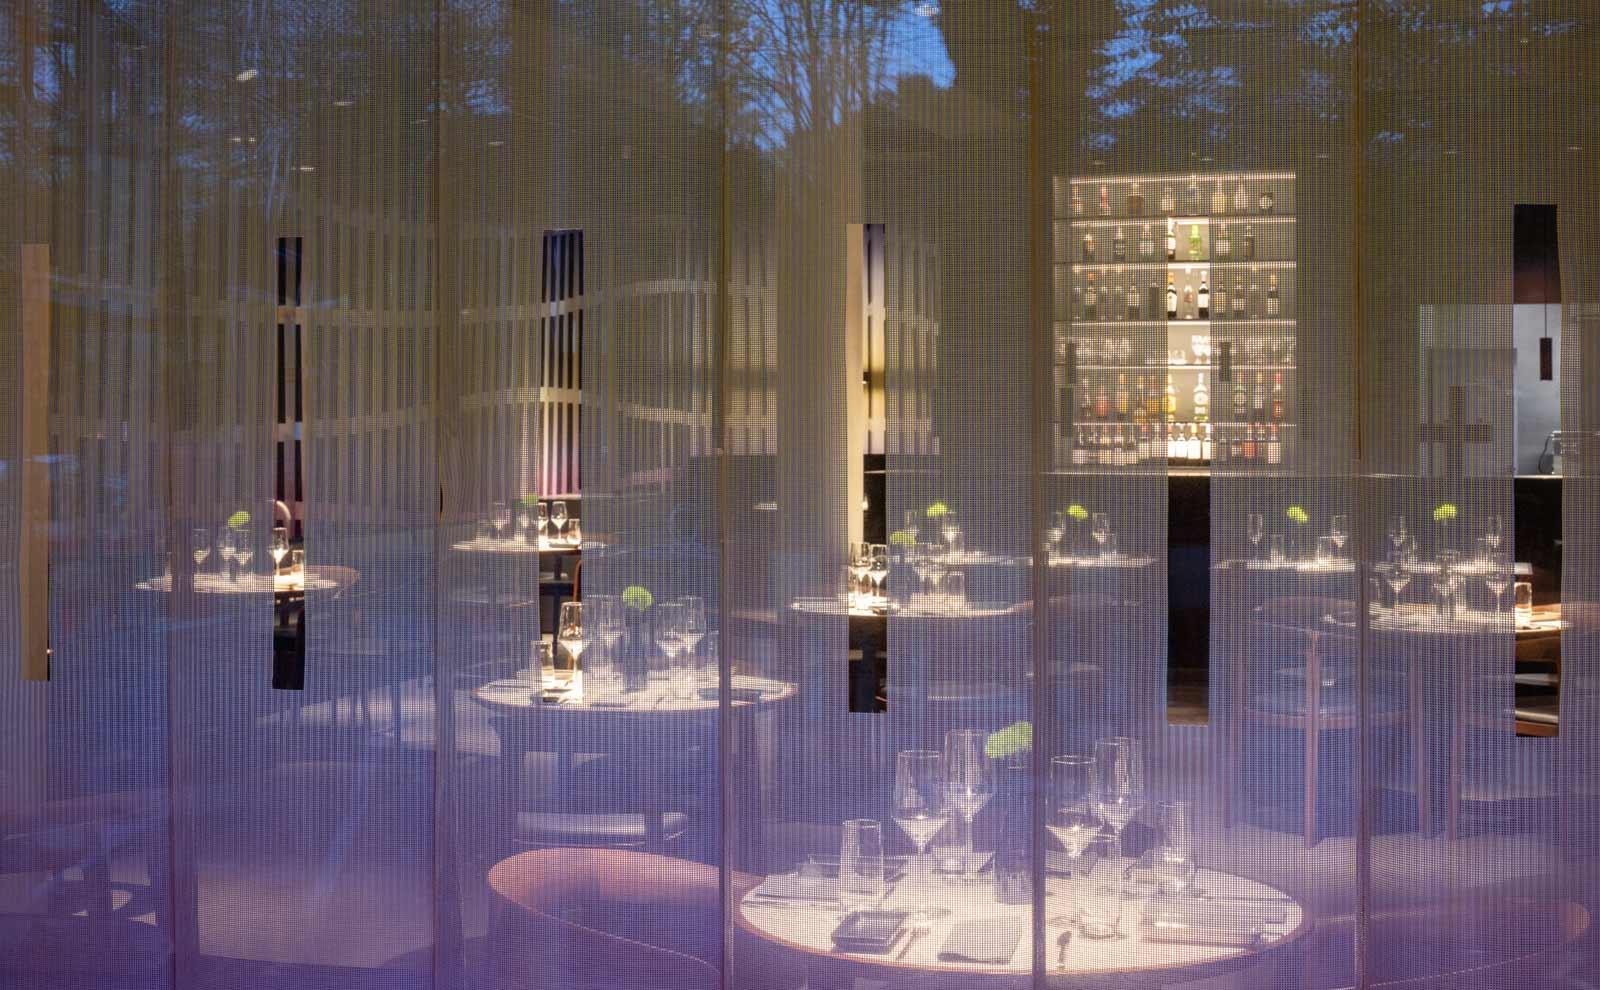 Das Restaurant im Duesseldorfer Schauspielhaus des Architekturbueros ingenhoven architects.